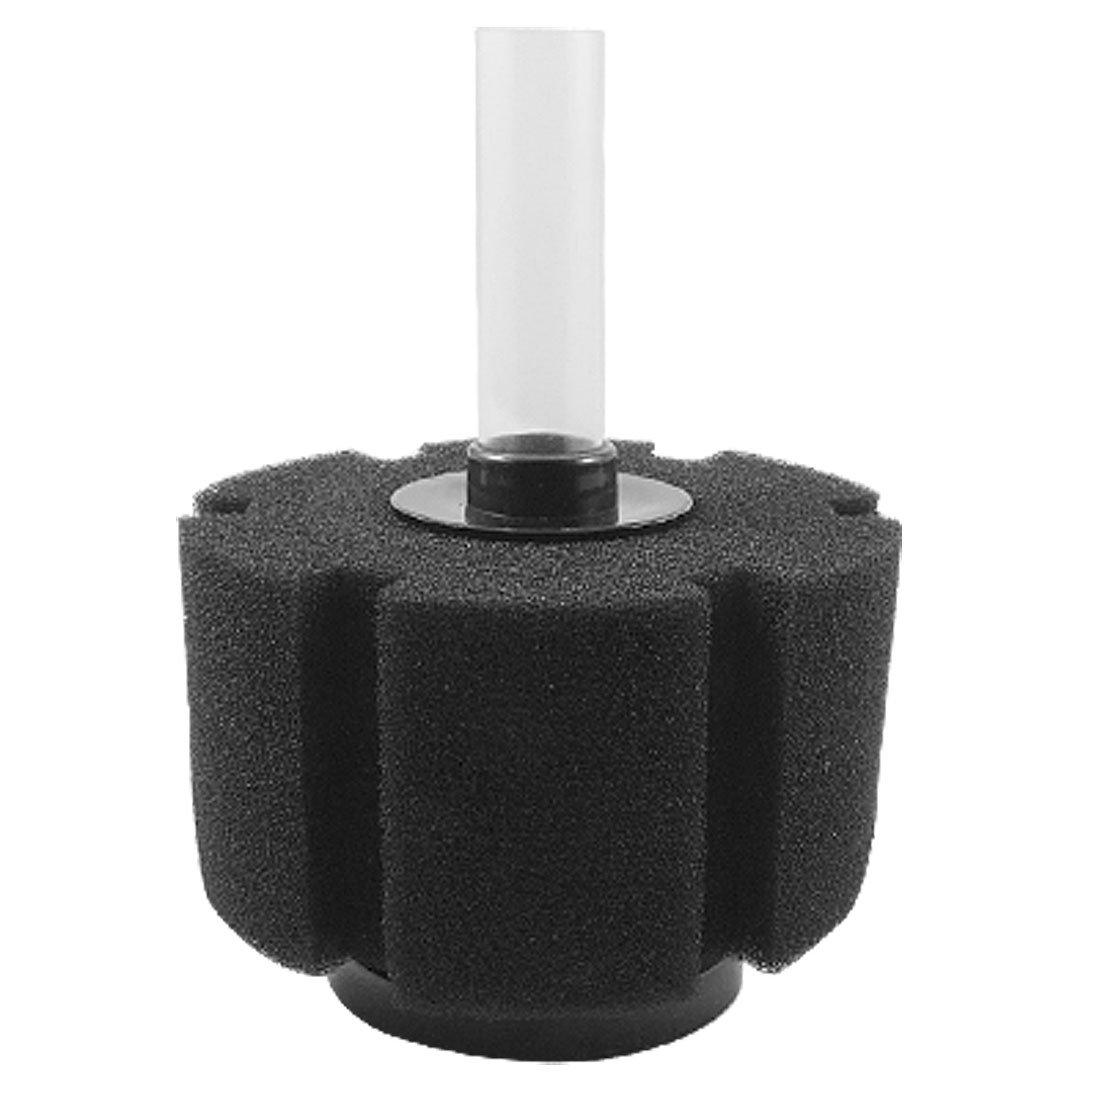 Sourcingmap® Acuario Tanque Mini Columna cilíndrica Esponja bioquímicos Negro Filtro de Agua: Amazon.es: Productos para mascotas